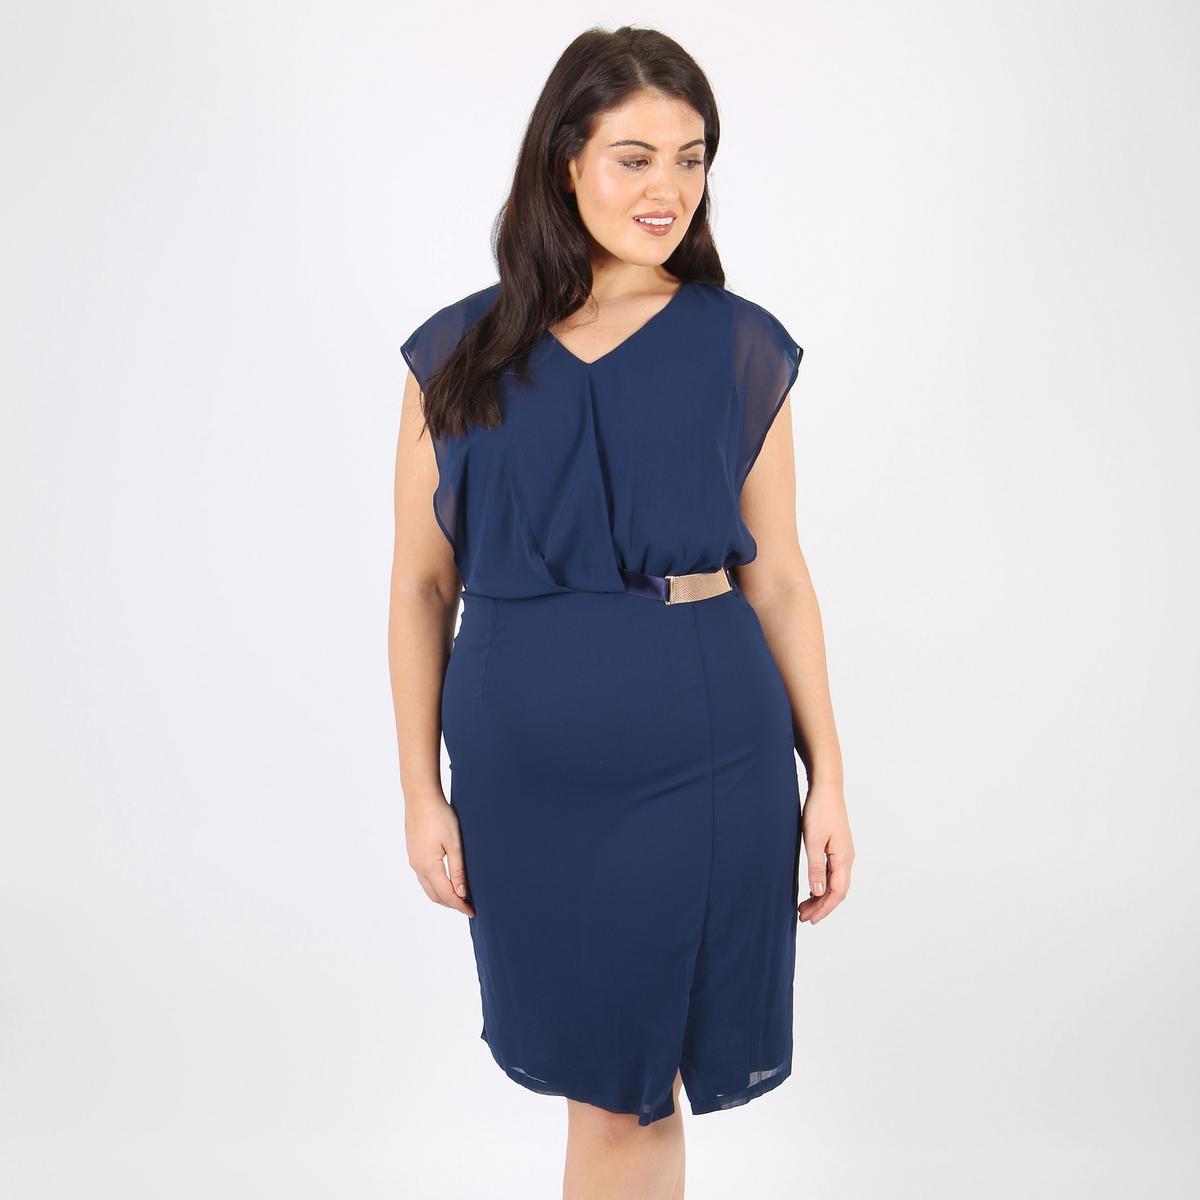 Платье прямое средней длиныДетали •  Форма : прямая •  Длина до колен •  Без рукавов    •   V-образный вырез •  Рисунок-принтСостав и уход •  100% полиэстер •  Следуйте рекомендациям по уходу, указанным на этикетке изделияТовар из коллекции больших размеров<br><br>Цвет: синий<br>Размер: 50/52 (FR) - 56/58 (RUS)